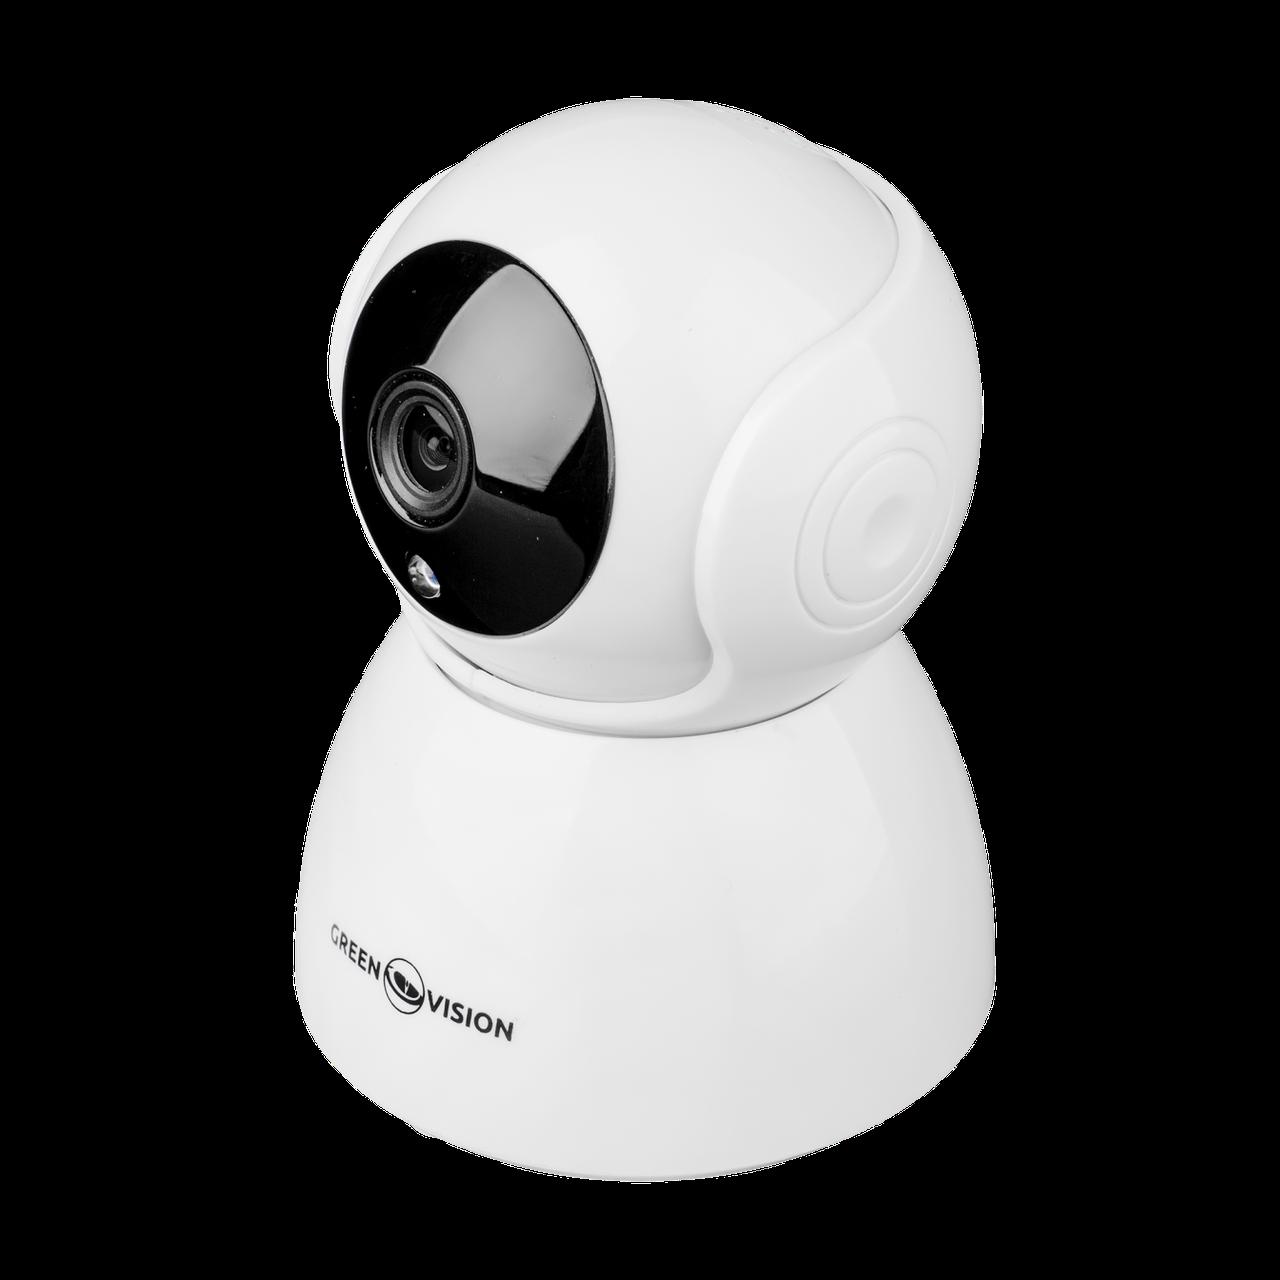 УЦ Беспроводная поворотная камера GreenVision GV-089-GM-DIG20-10 PTZ 1080p